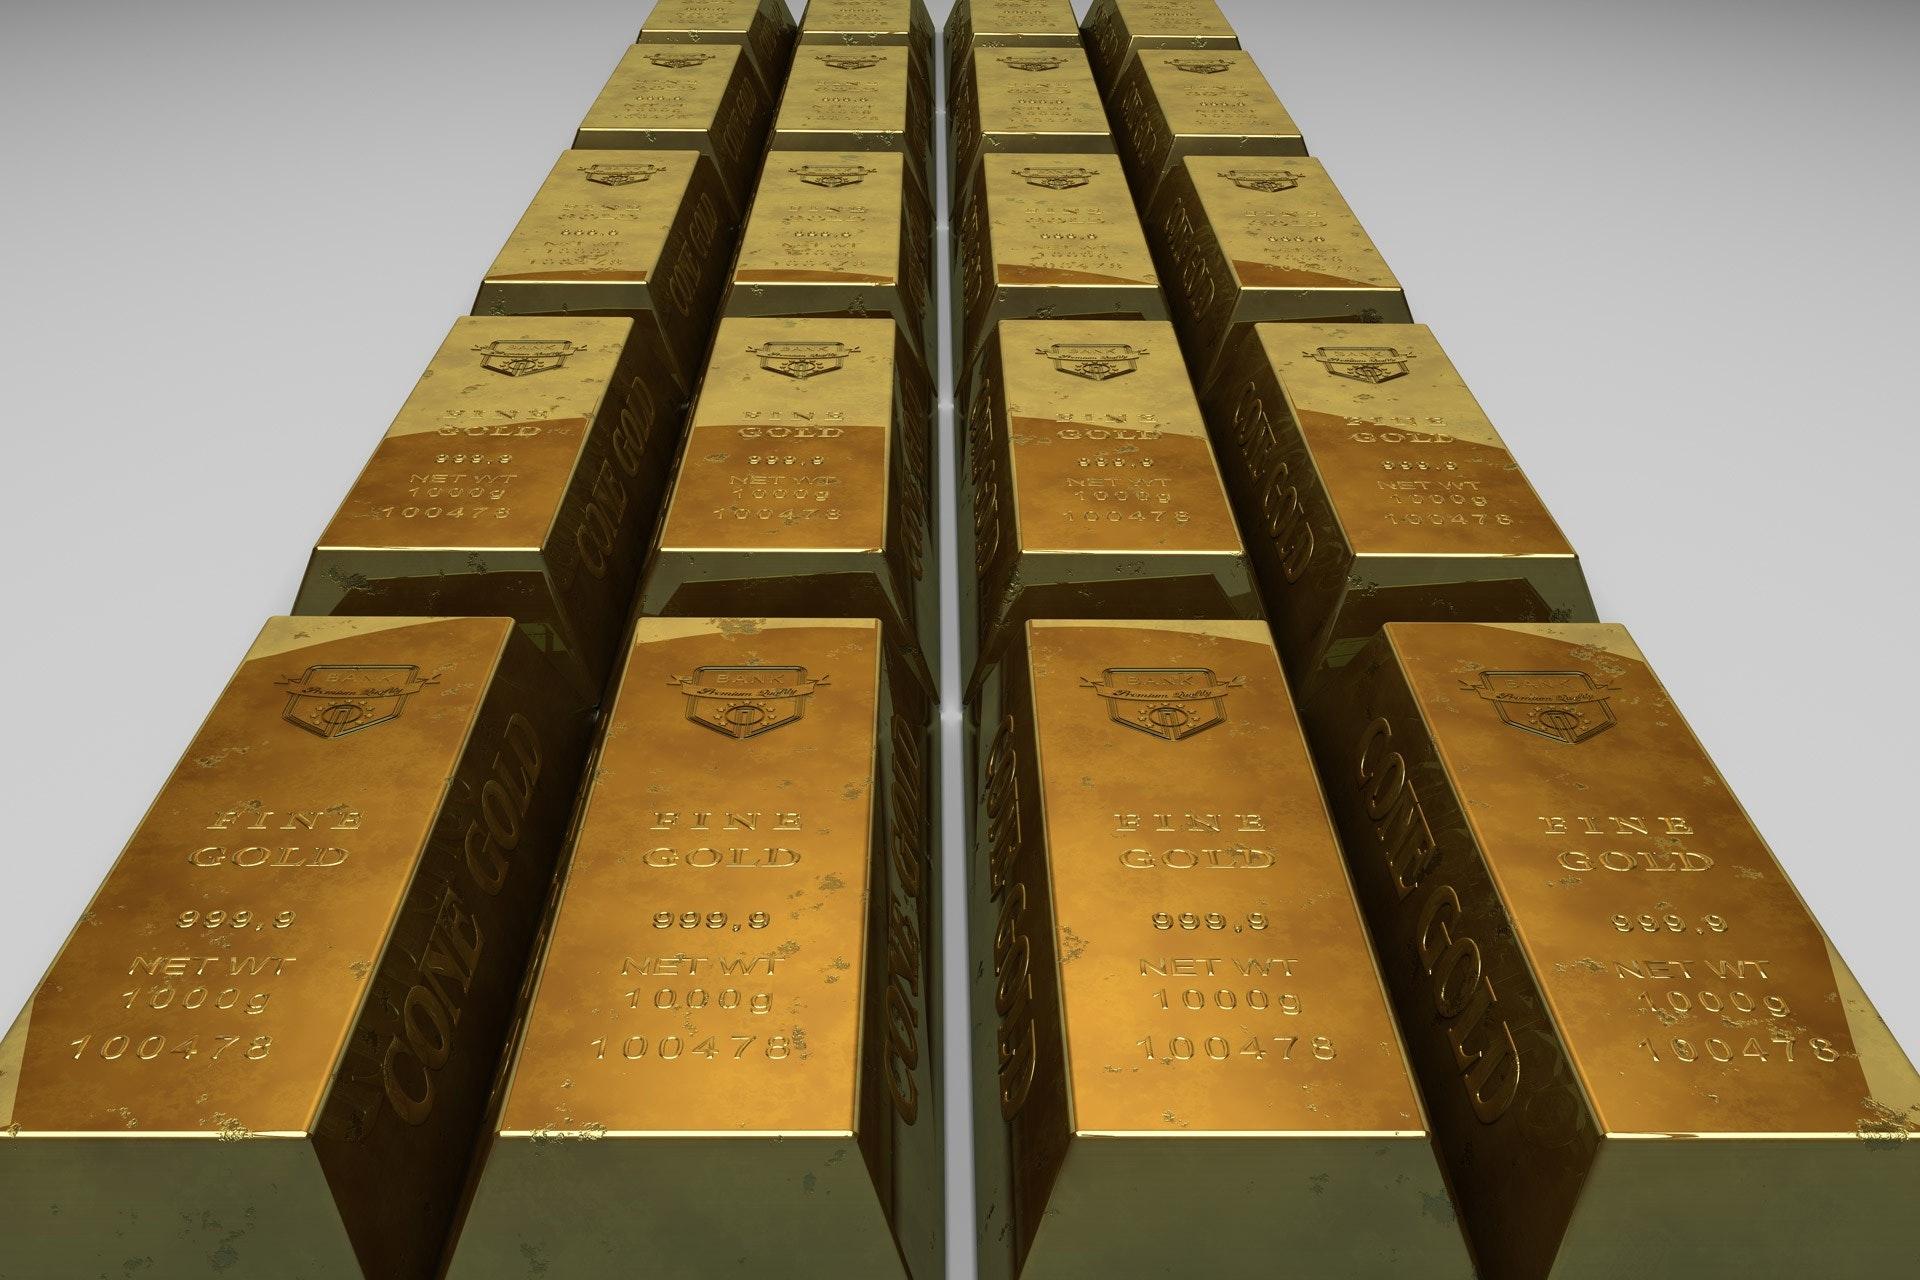 gold-gold-bars-gold-bullion-68149